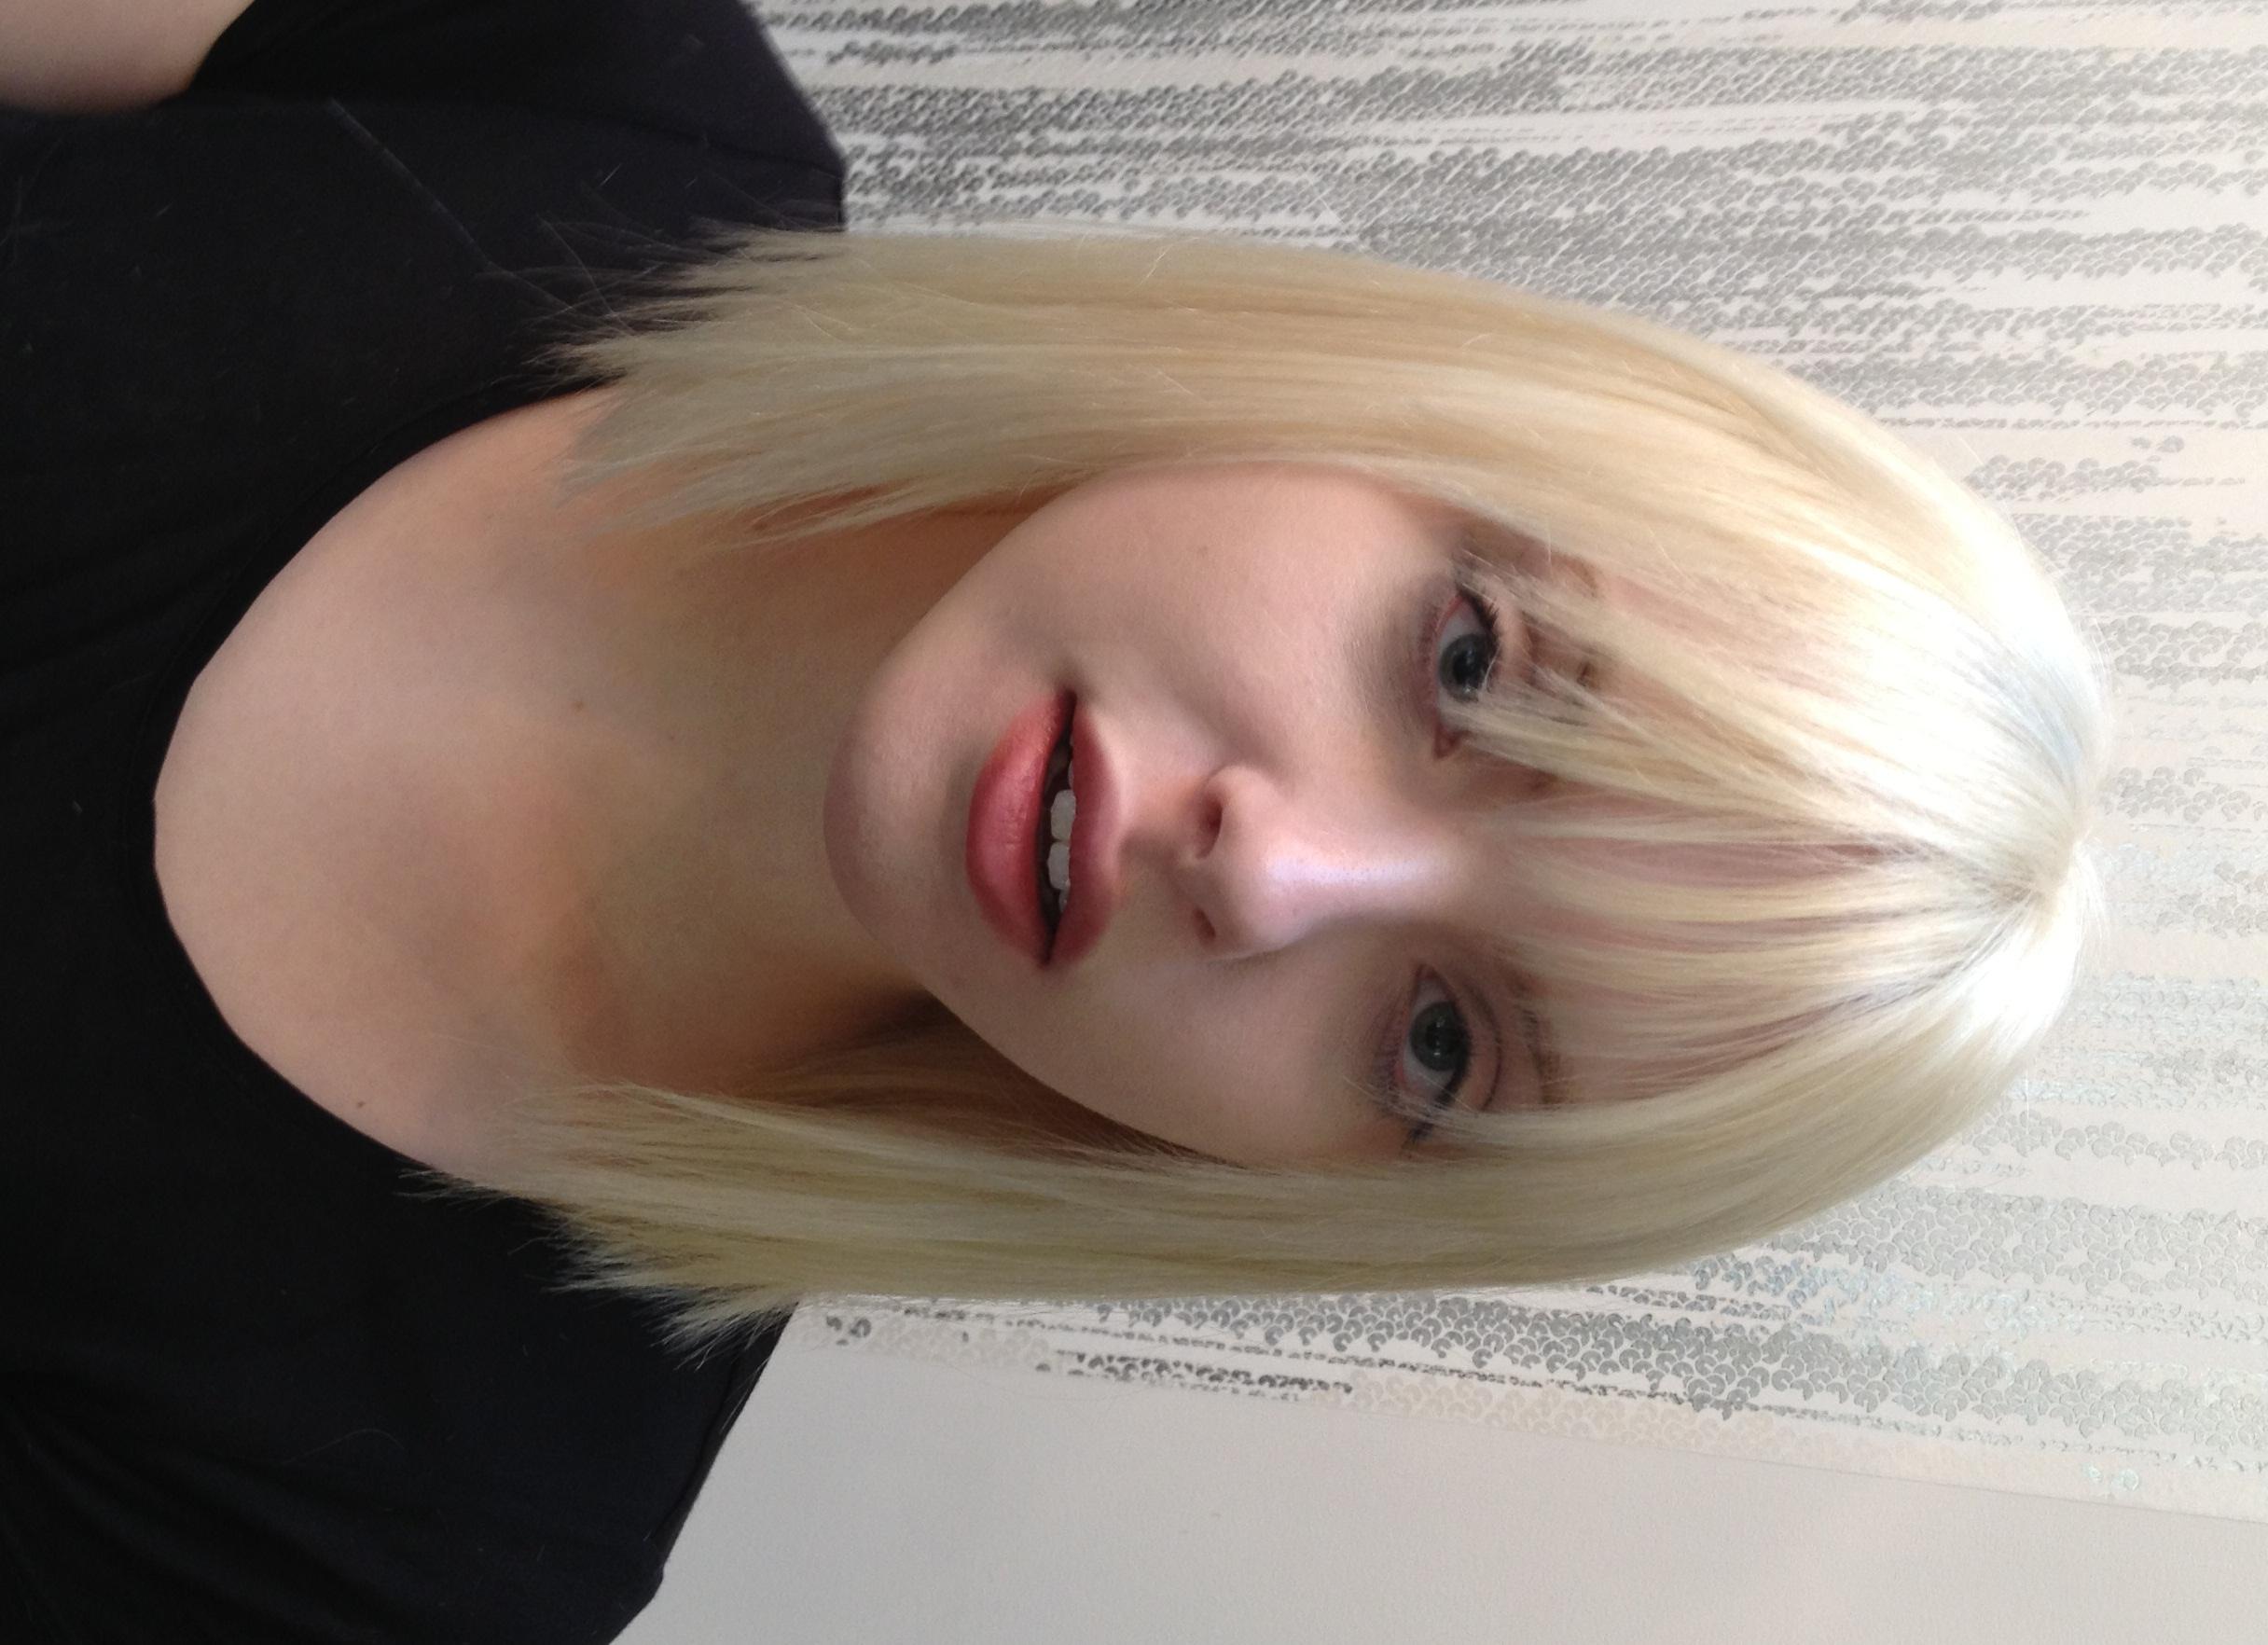 Русскую блондинку ебут трое, Трое русских парней трахают одну девушку - смотреть 23 фотография